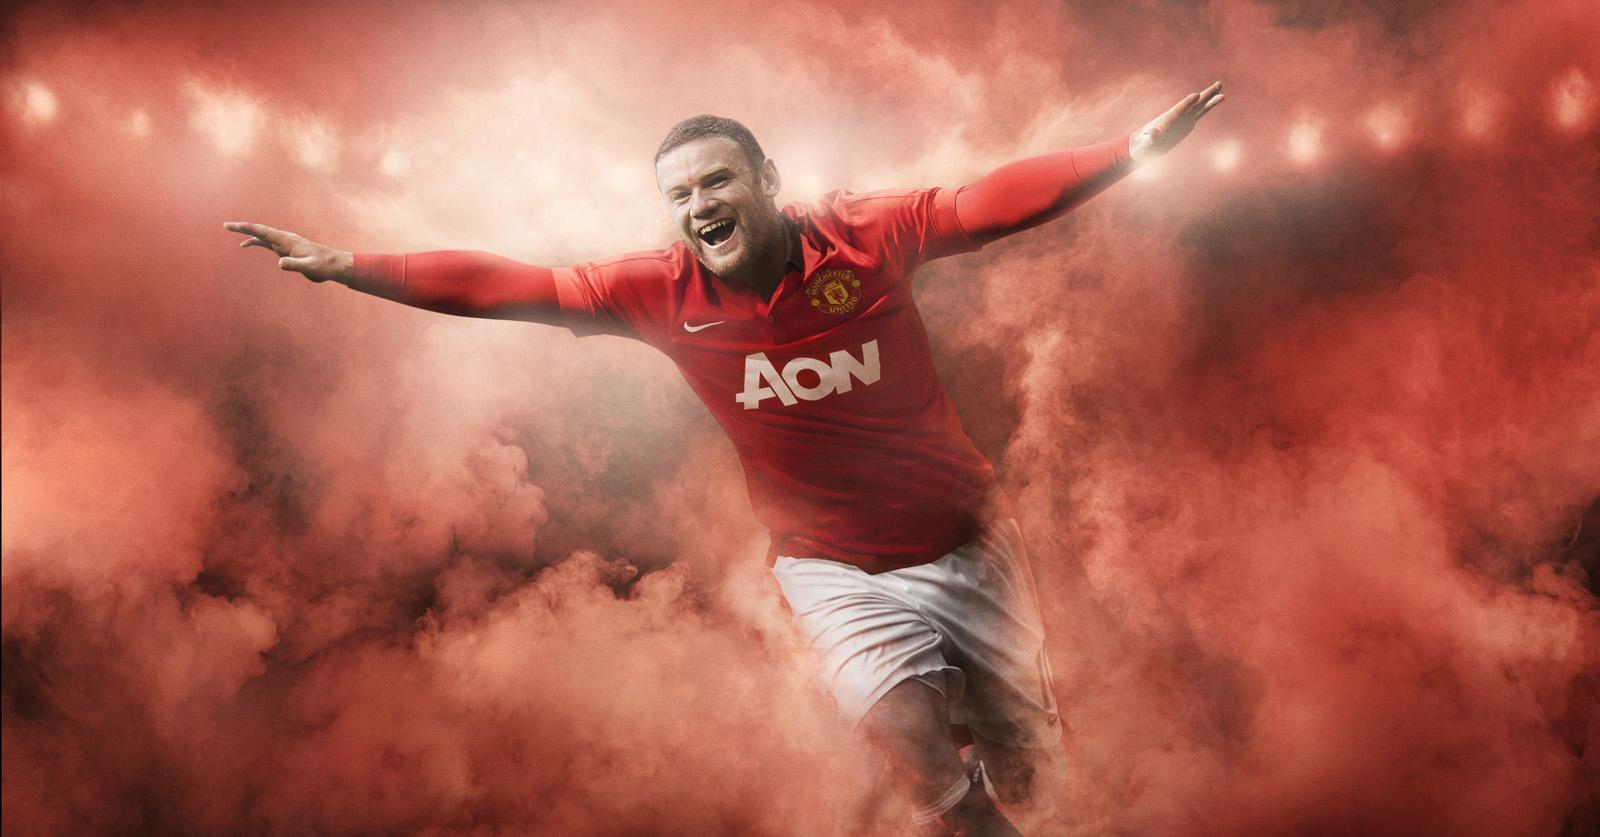 Cual es su equipo favorito (Cualquier competicion) Manchester+United+13-14+Home+Kit+(3)